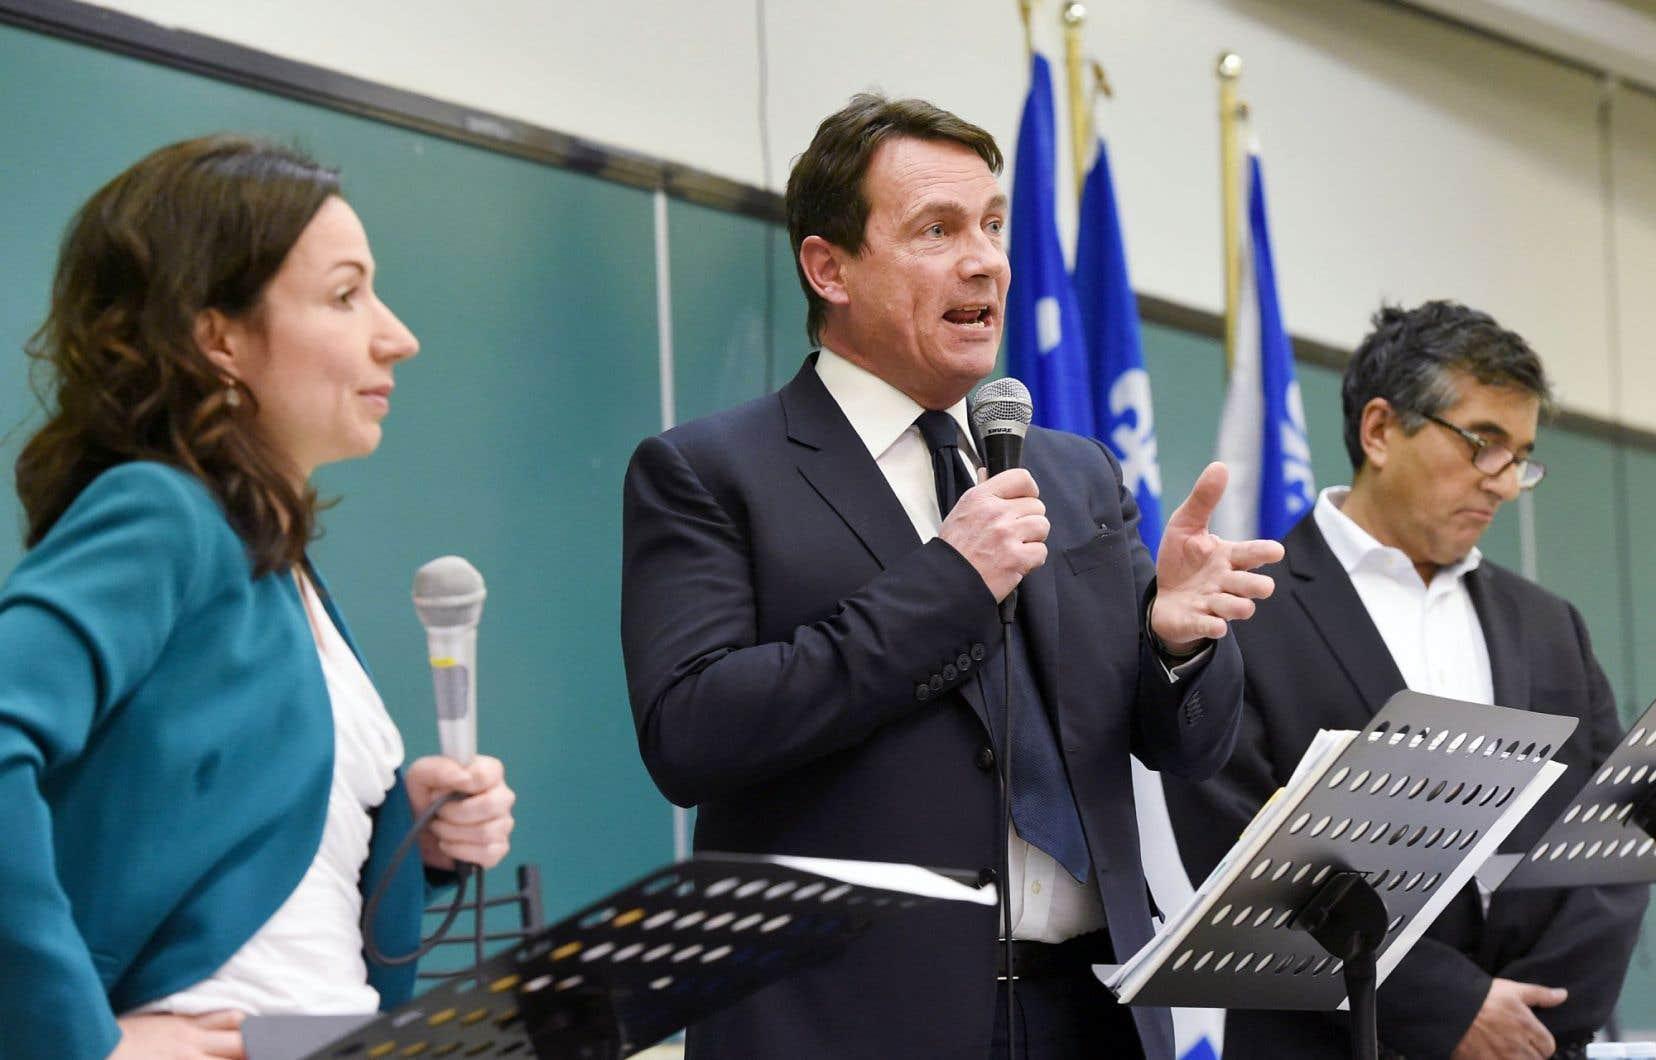 Pierre Karl Péladeau a précisé que la diversité était une grande richesse pour le Québec.